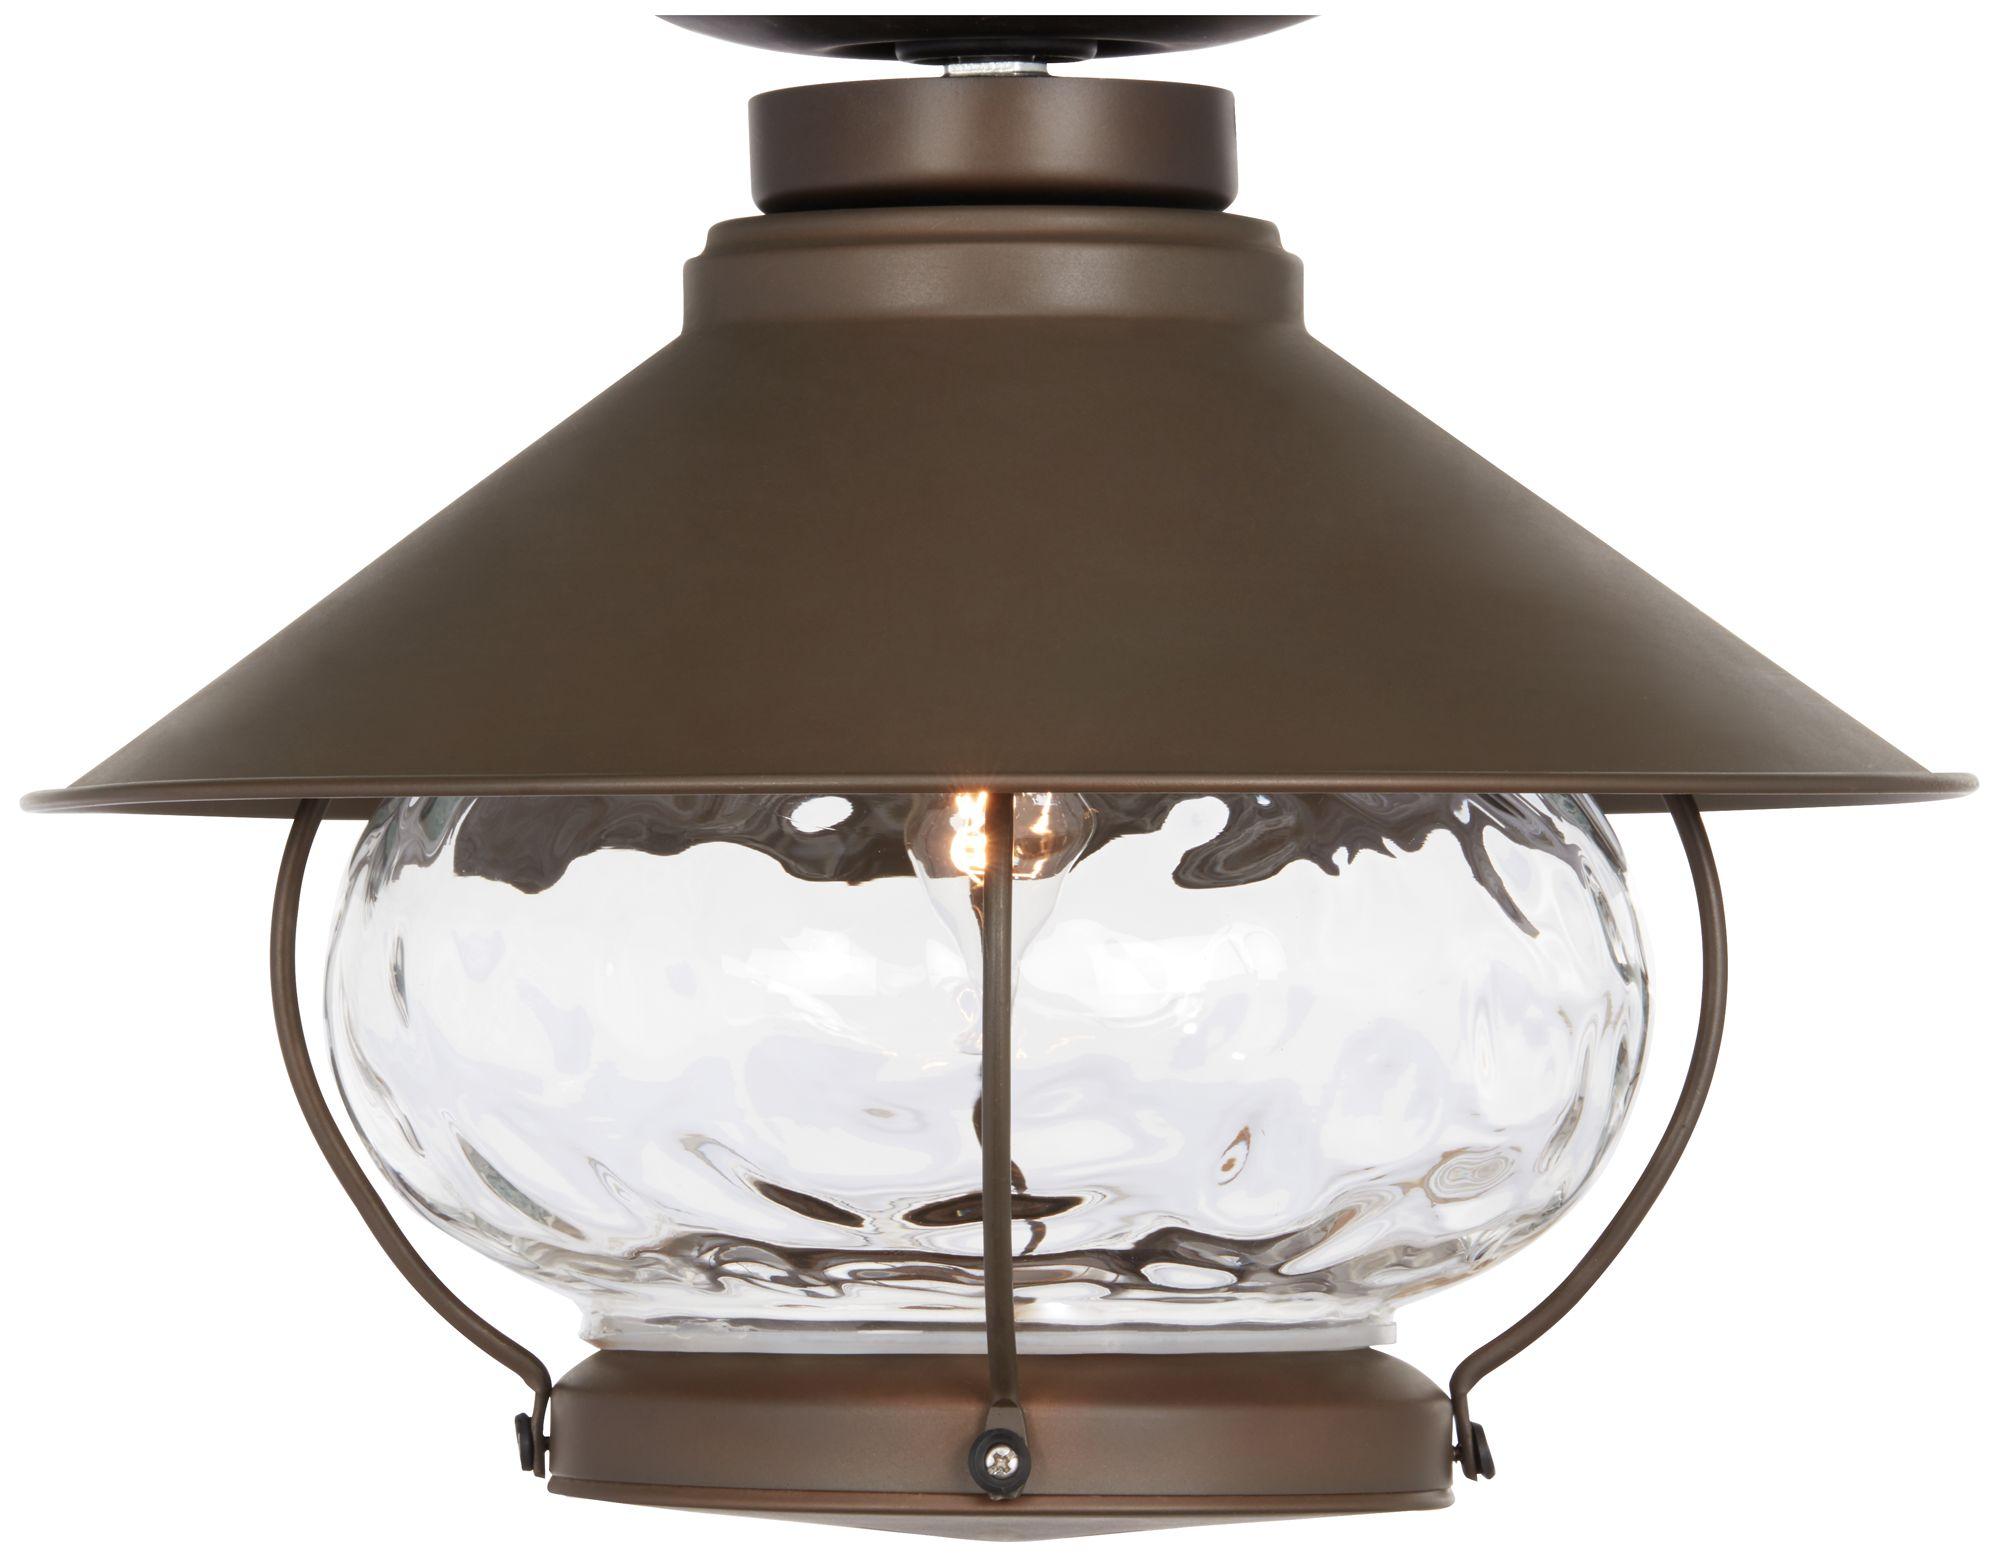 Lantern-Style Oil-Rubbed Bronze Outdoor Fan Light Kit  sc 1 st  L&s Plus & Lantern-Style Oil-Rubbed Bronze Outdoor Fan Light Kit - #1X964 ... azcodes.com